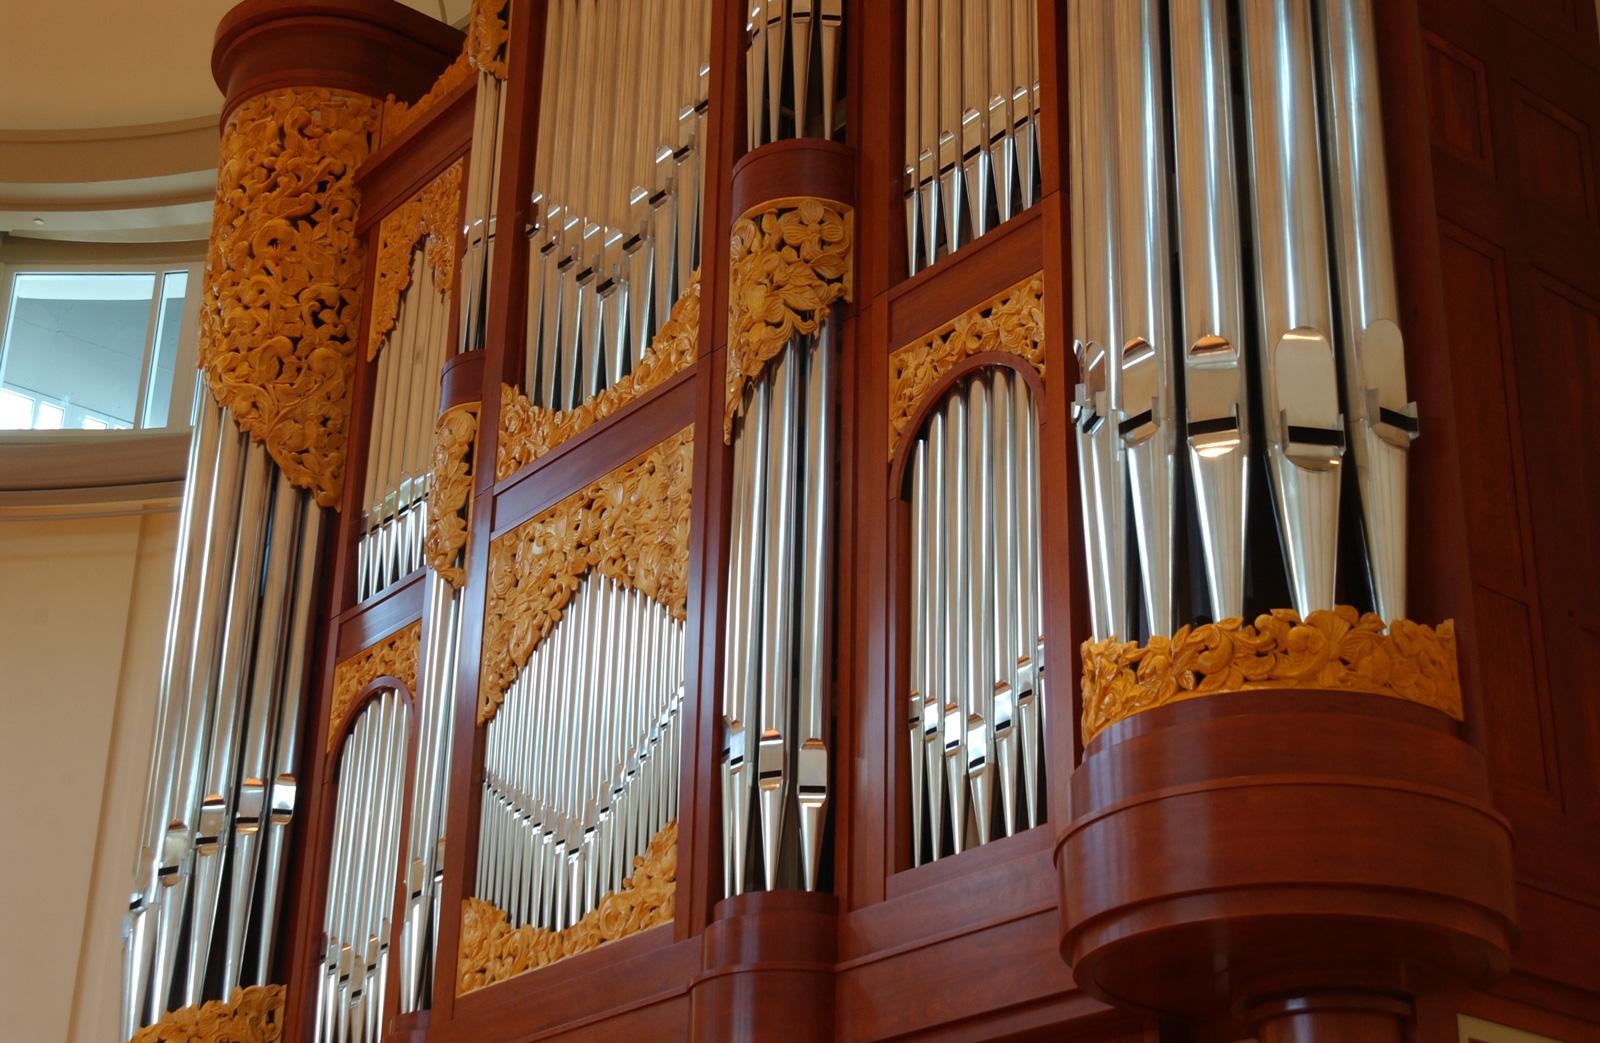 Jaeckel Organs